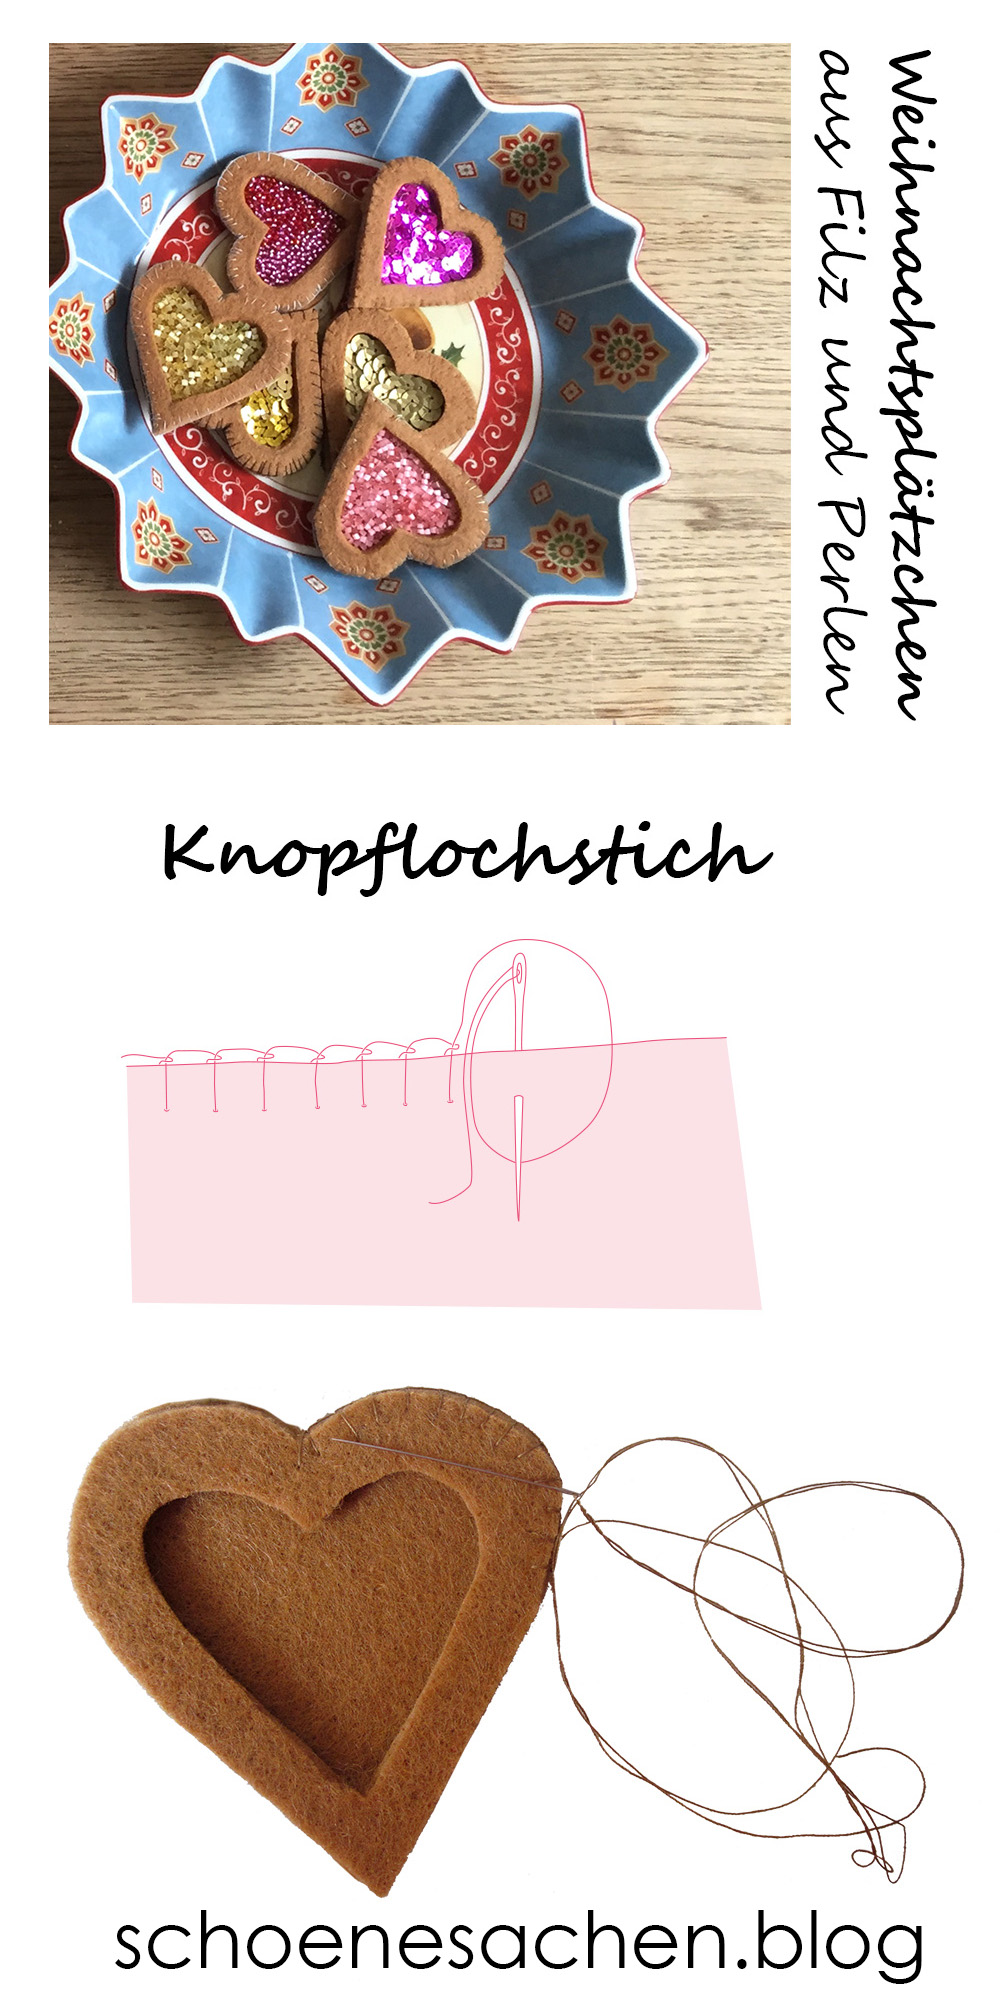 dicken Filz mit der Hand nähen, einfache Stickstiche, sticken für Anfänger, Knopflochstich blanket stitch nähen,